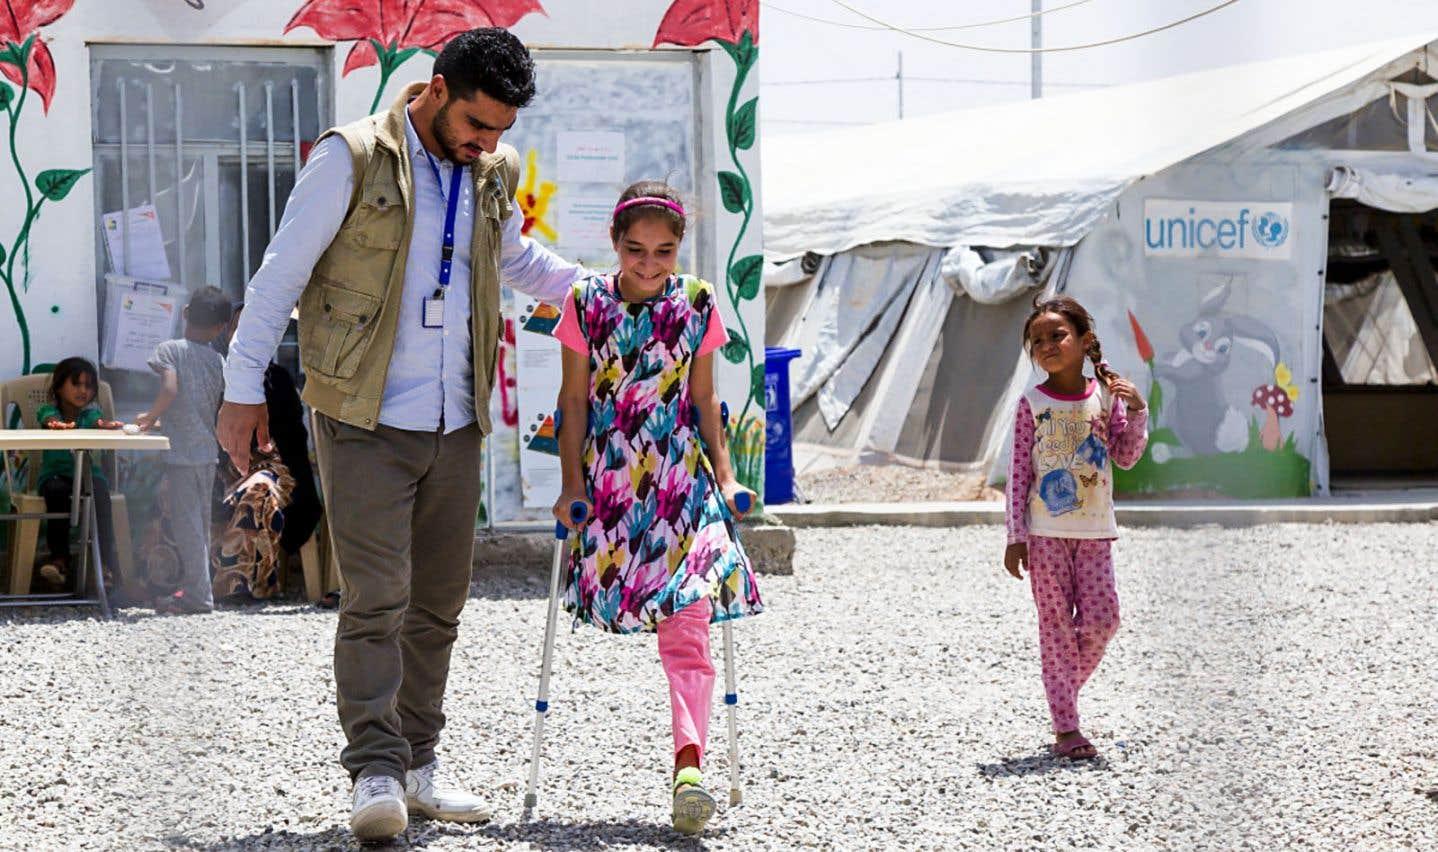 Aide humanitaire: inclure les personnes handicapées